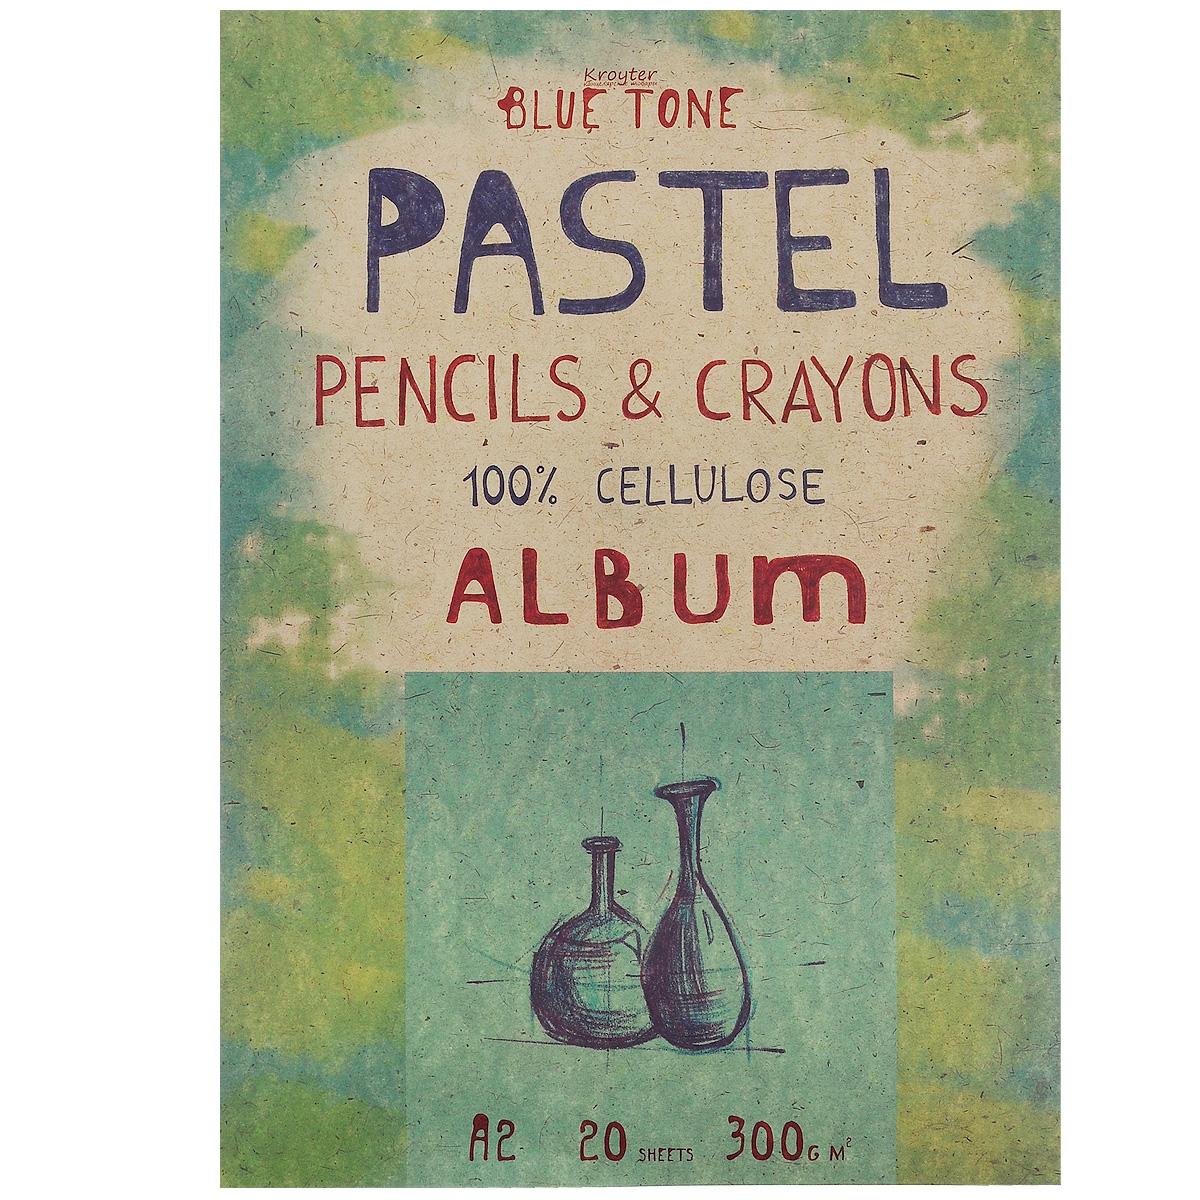 Альбом для пастели Kroyter, 20 листов, формат А206494Альбом Kroyter используется для рисования пастелью, мелками, углем. После грунтовки можно использовать для акриловых и масляных красок. Внутренний блок состоит из 20 листов картона голубого цвета. Крепление блока - склейка, выполненная по технологии, позволяющей изымать листы из блока без его разрушения. Твердая подложка позволяет использовать альбом вне класса или дома. Формат листов - А2.Плотность: 300 г/м2.